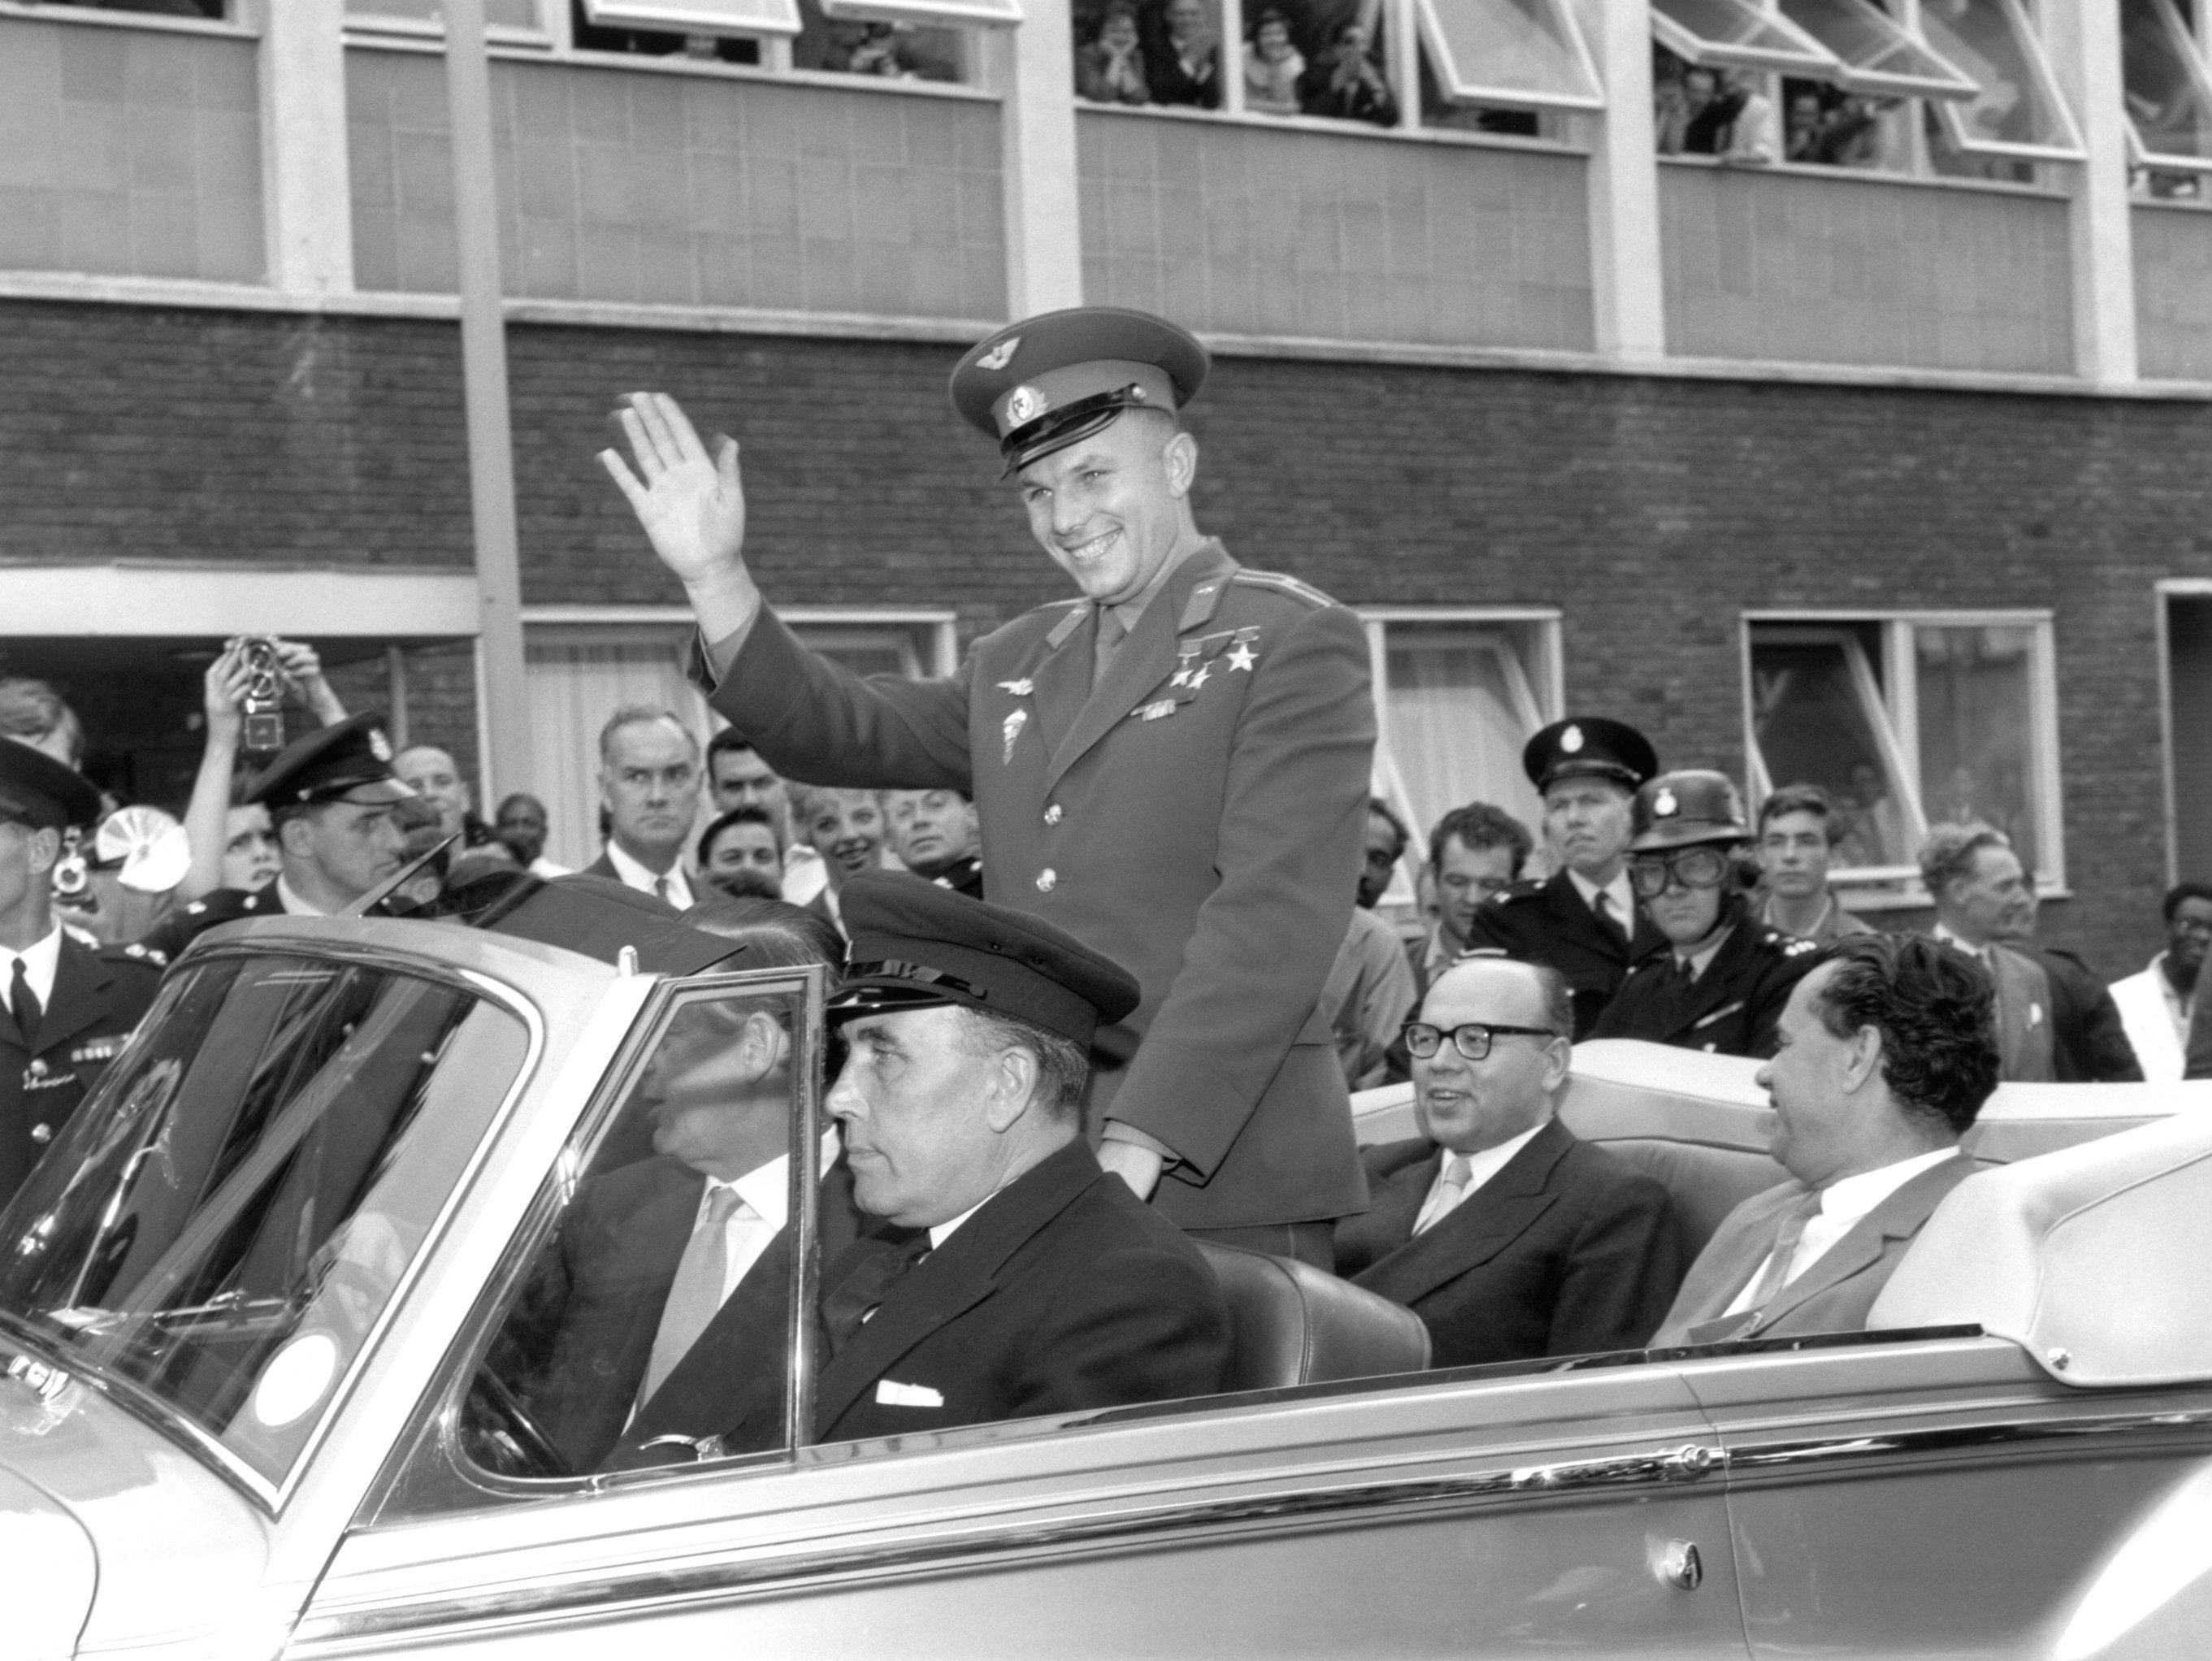 Юрий Гагарин (1934-1968), советский космонавт и первый человек в космосе, едет по Лондону в открытом автомобиле.